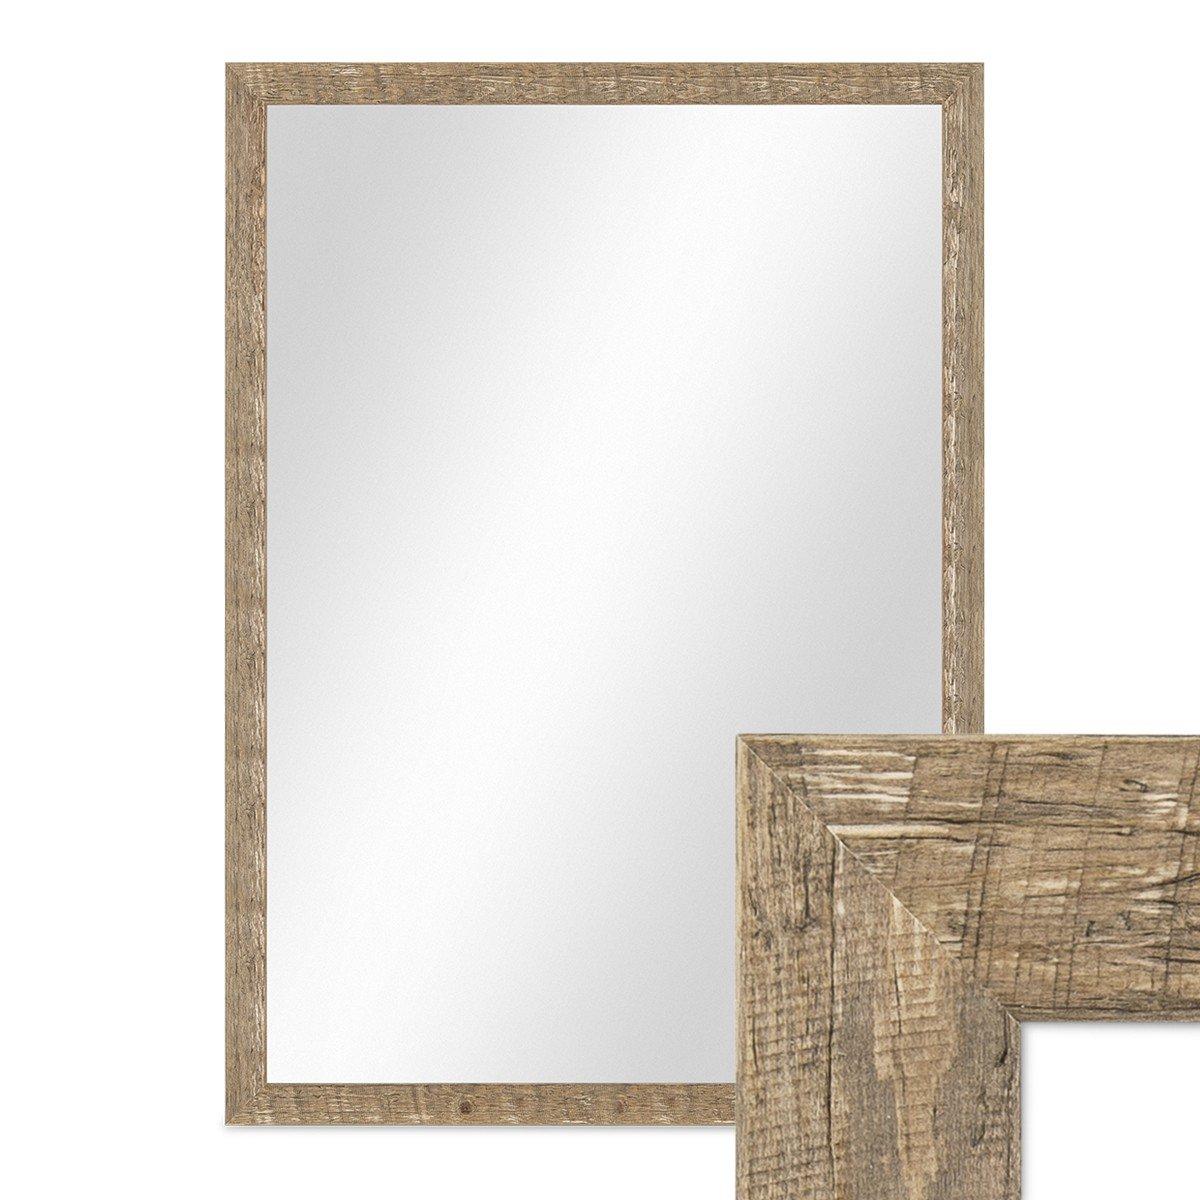 PHOTOLINI Wand-Spiegel 56x76 cm im Holzrahmen Strandhaus-Stil Eiche-Optik Rustikal Spiegelfläche 50x70 cm